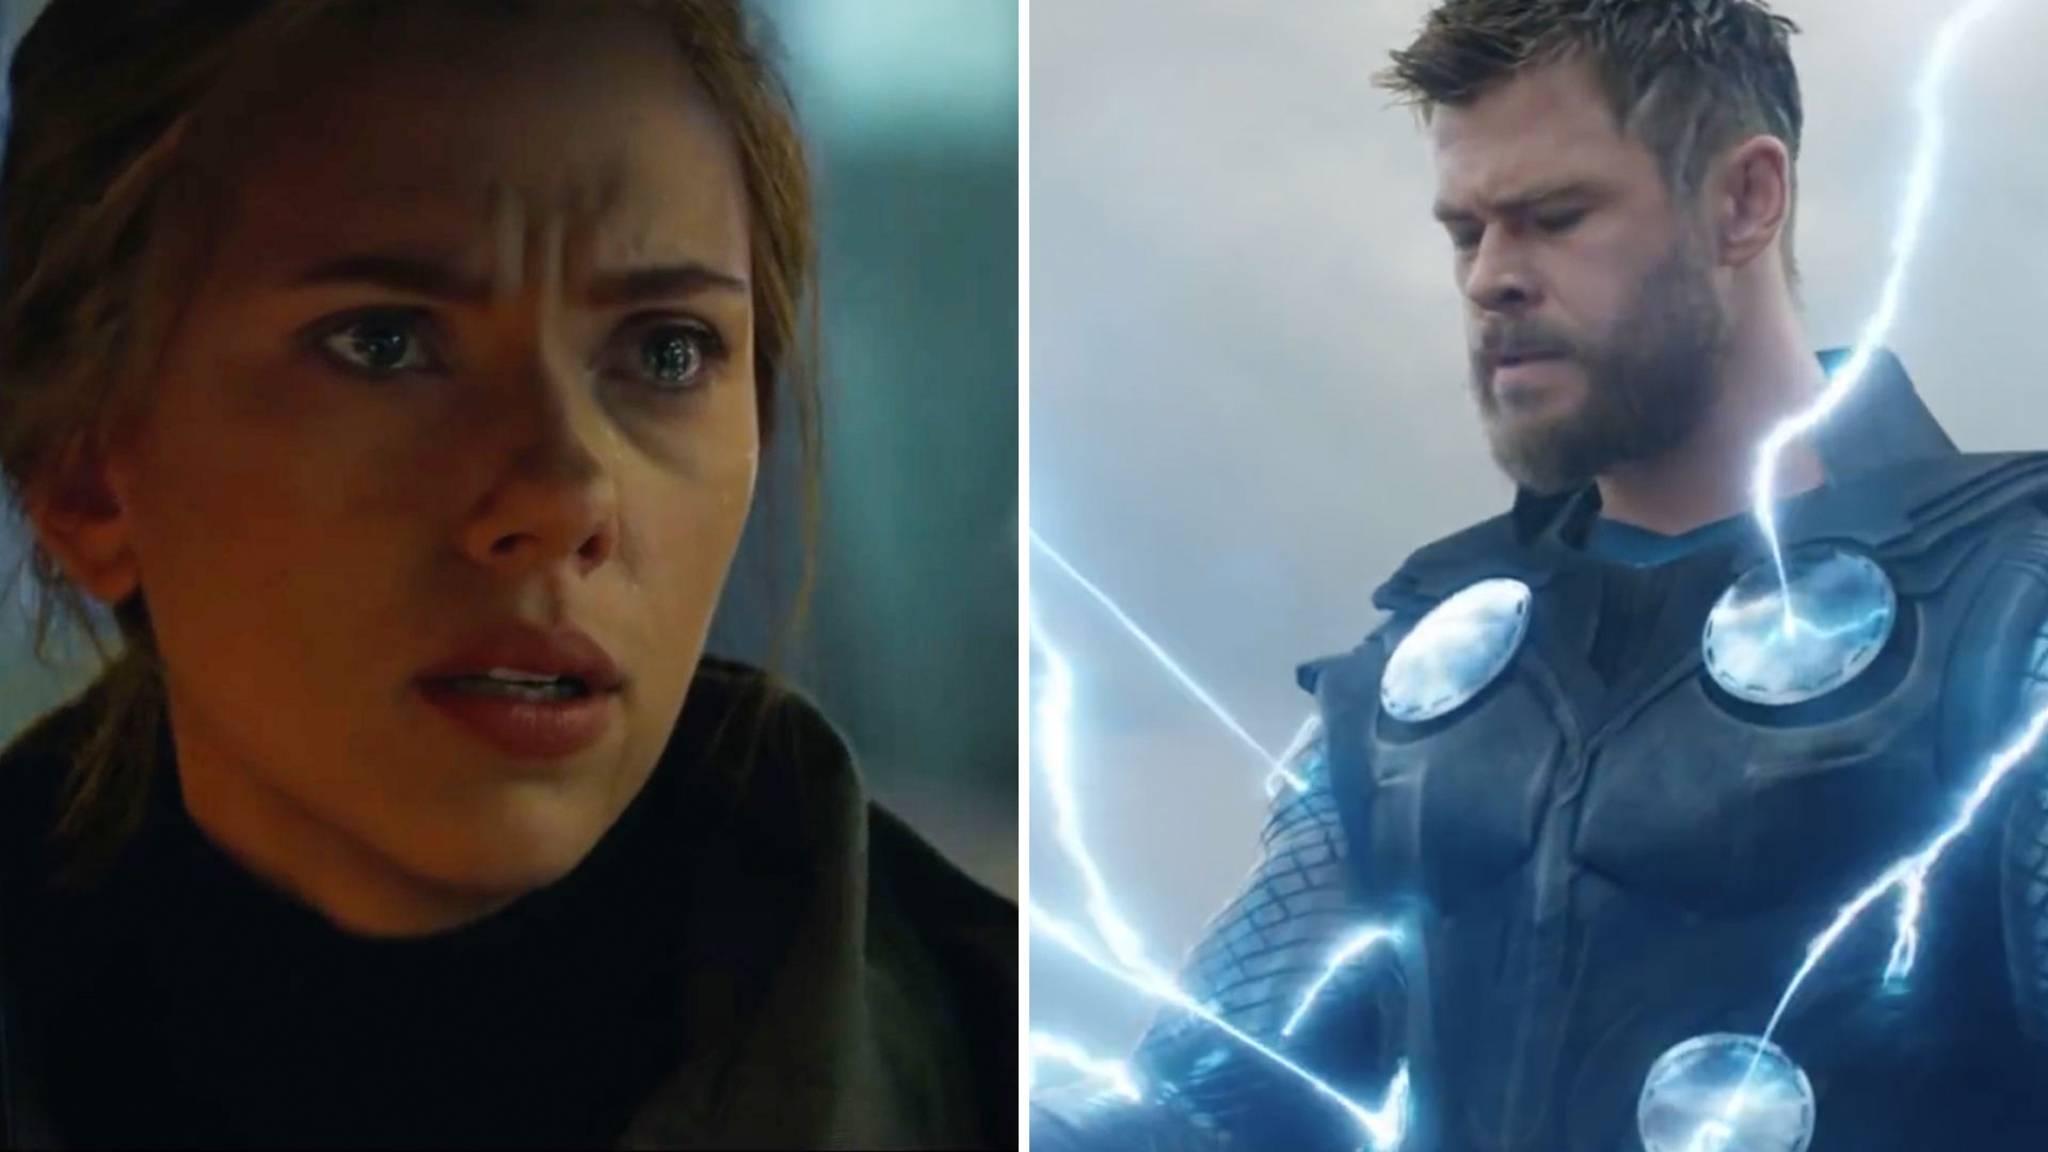 Marvels Letzter Film Der Avengers Reihe Weckt Hoffnungen Auf Ein